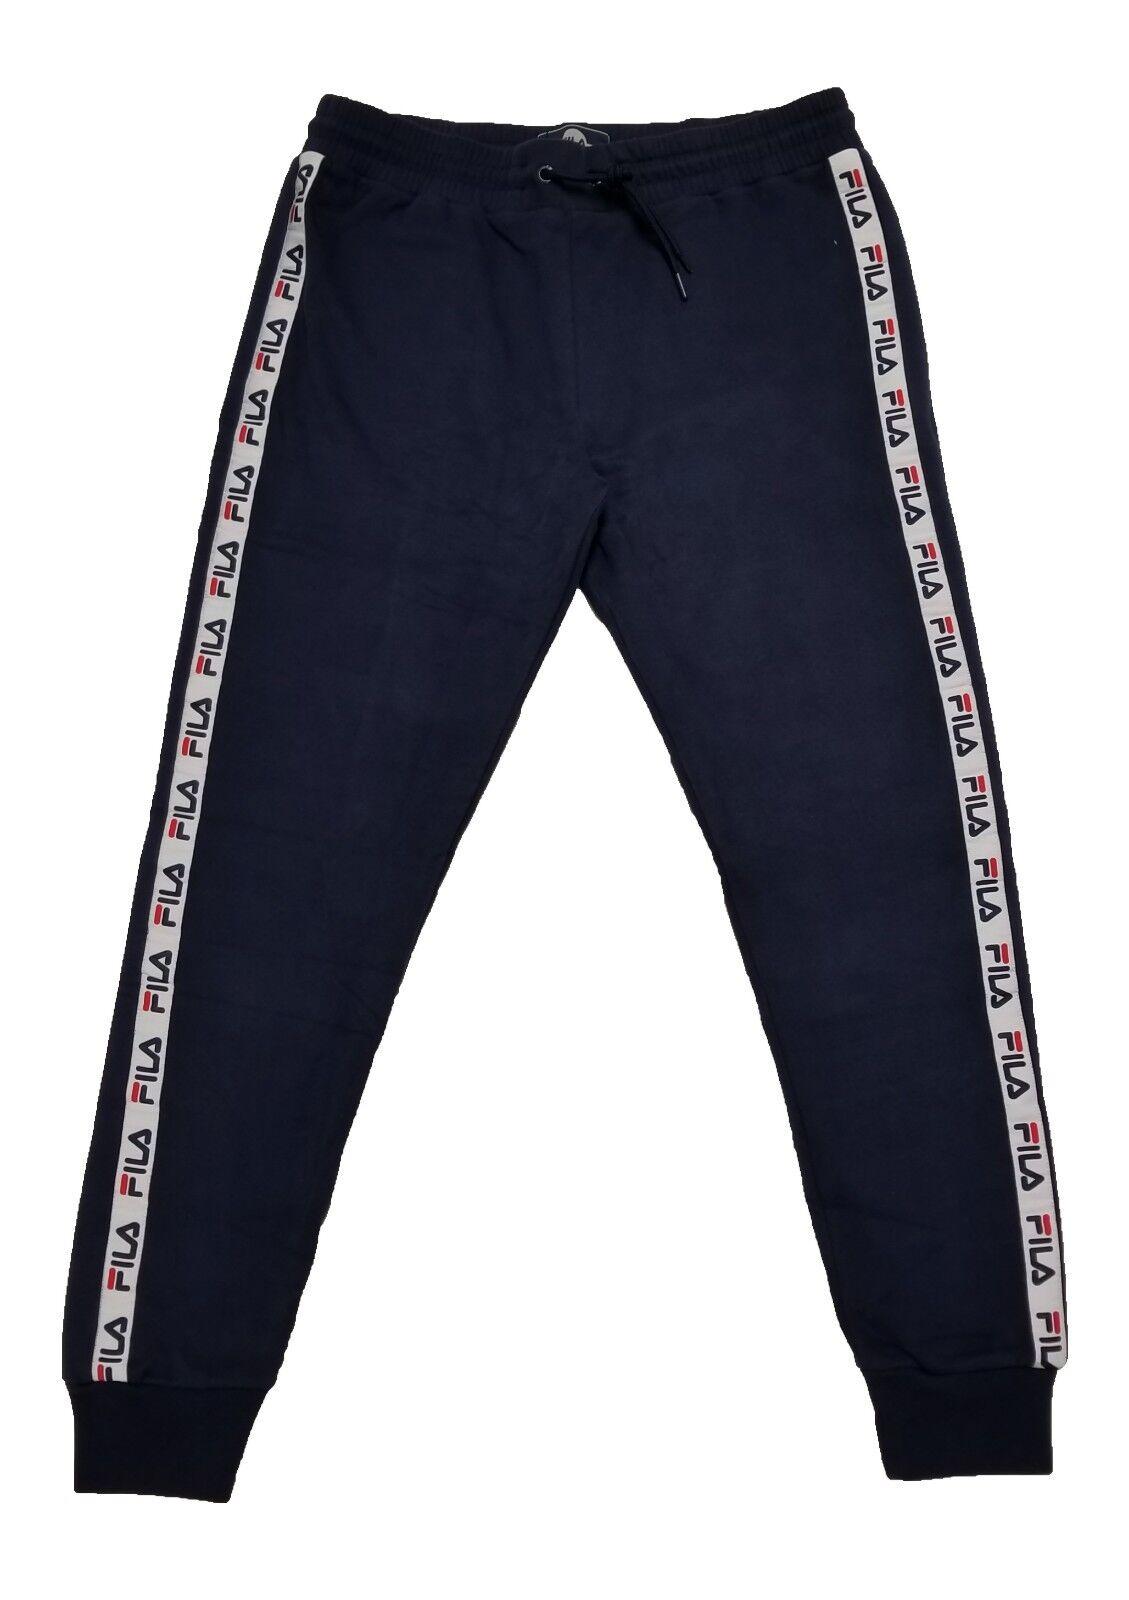 Fila Women's DEE FLEECE JOGGER Pants Peacoat LW171YD6-410 b